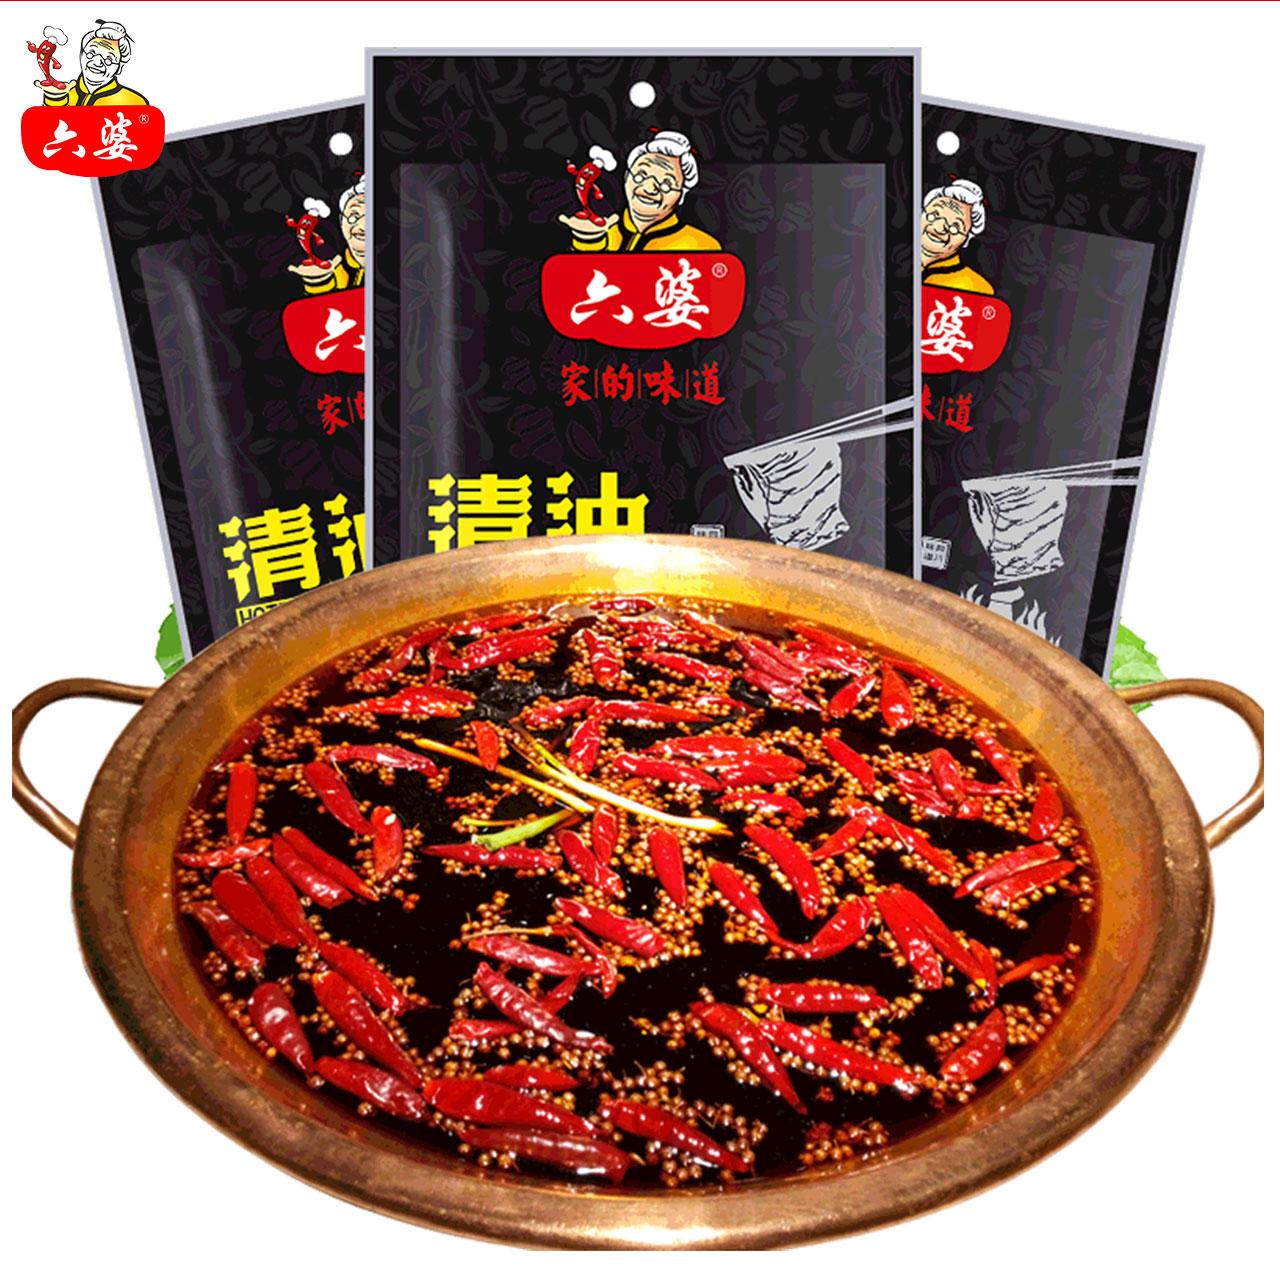 六婆清油火锅底料150g*3袋四川麻辣烫调味厨房调料一个人火锅